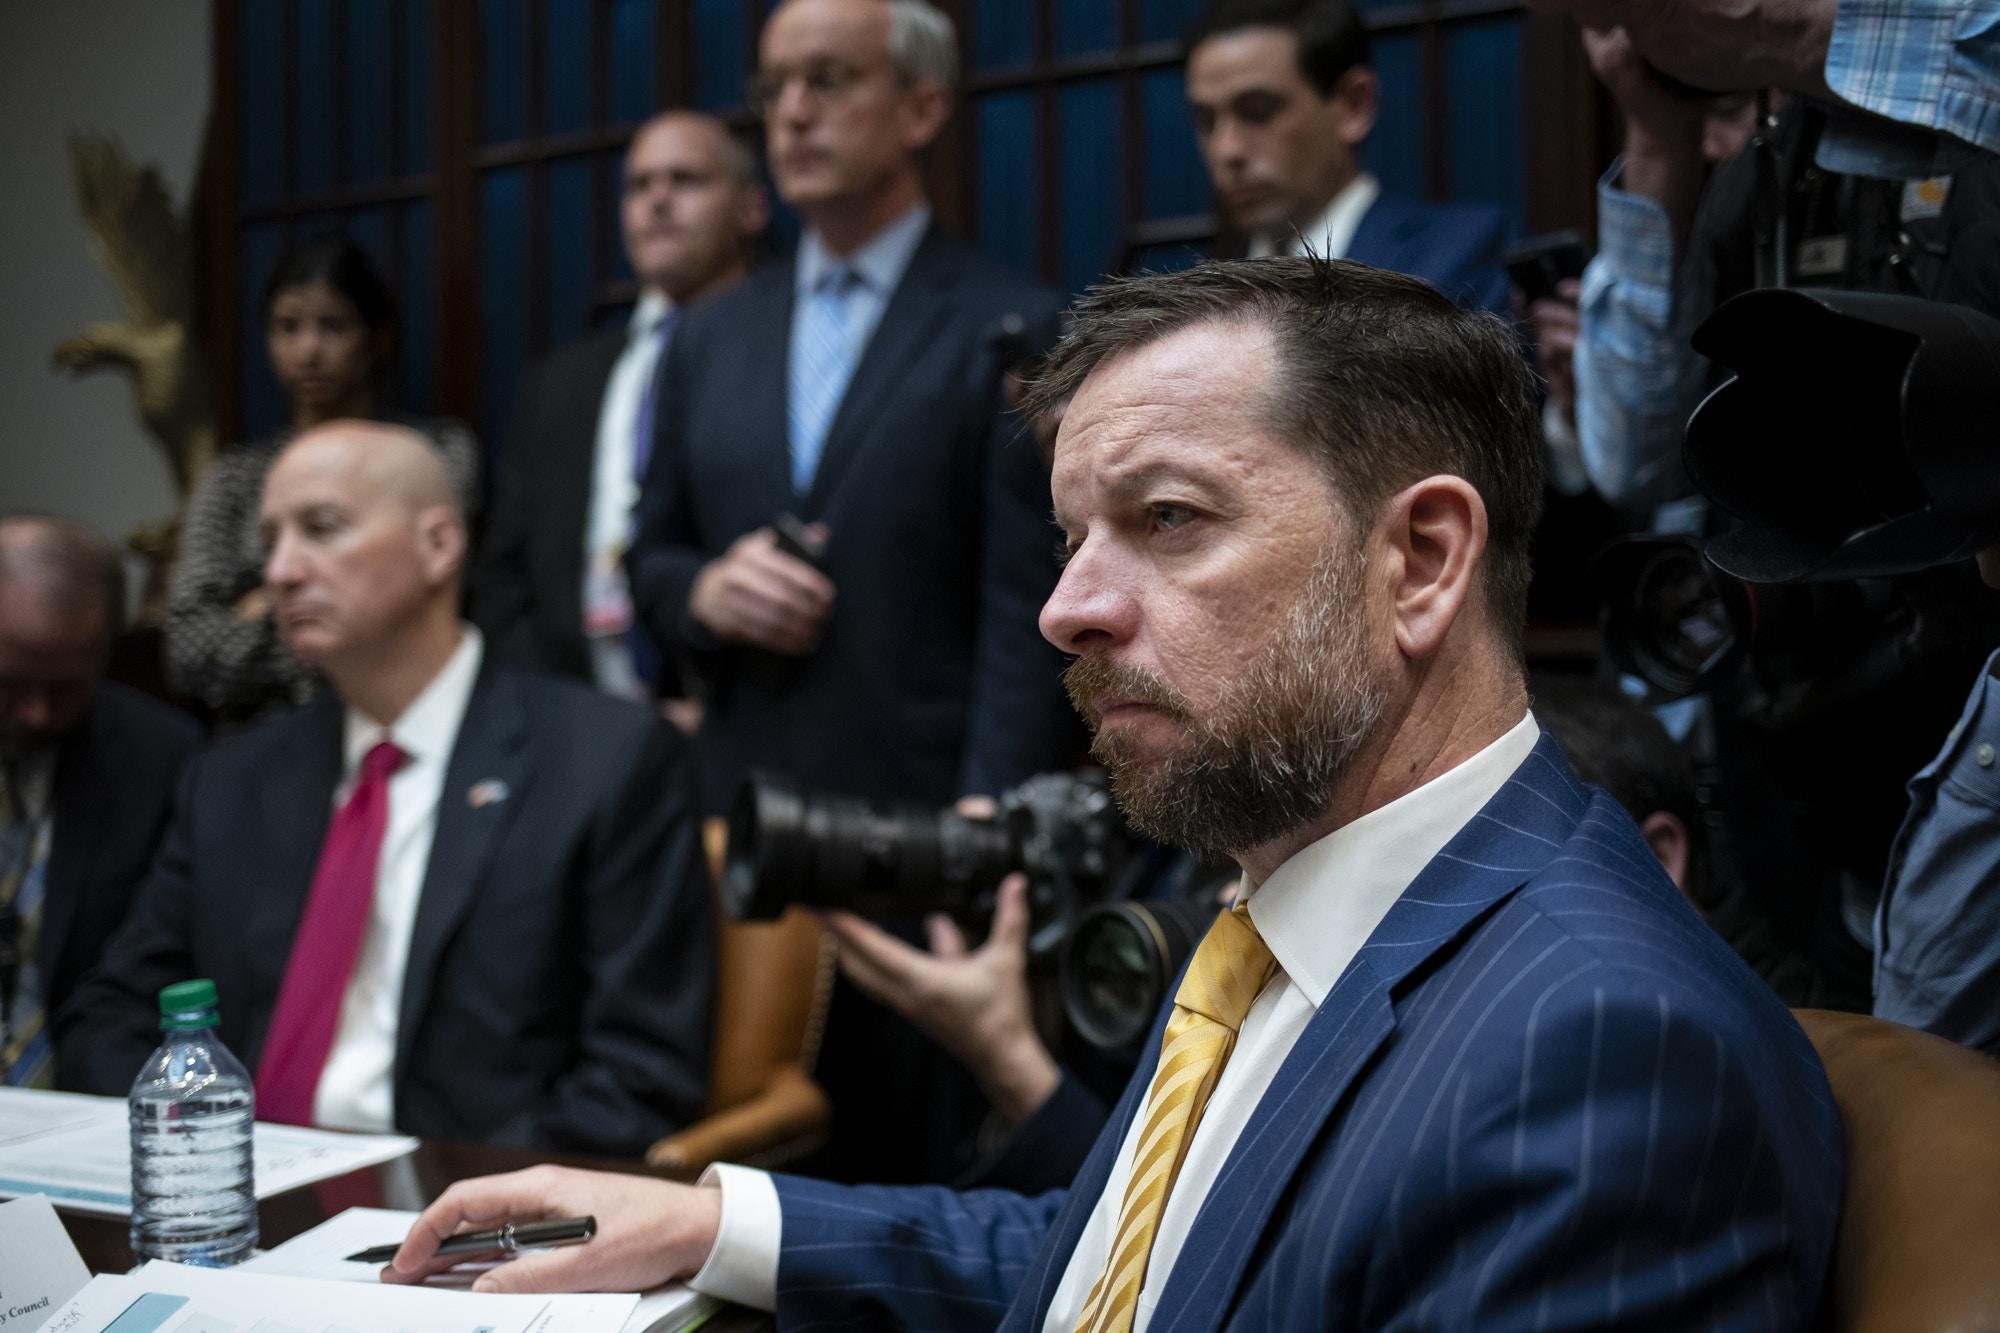 Joe Grogan, diretor do Conselho de Política Doméstica, durante um briefing sobre o novo coronavírus com seguradoras de saúde na Sala Roosevelt da Casa Branca, em Washington, DC, EUA, na terça-feira, 10 de março.